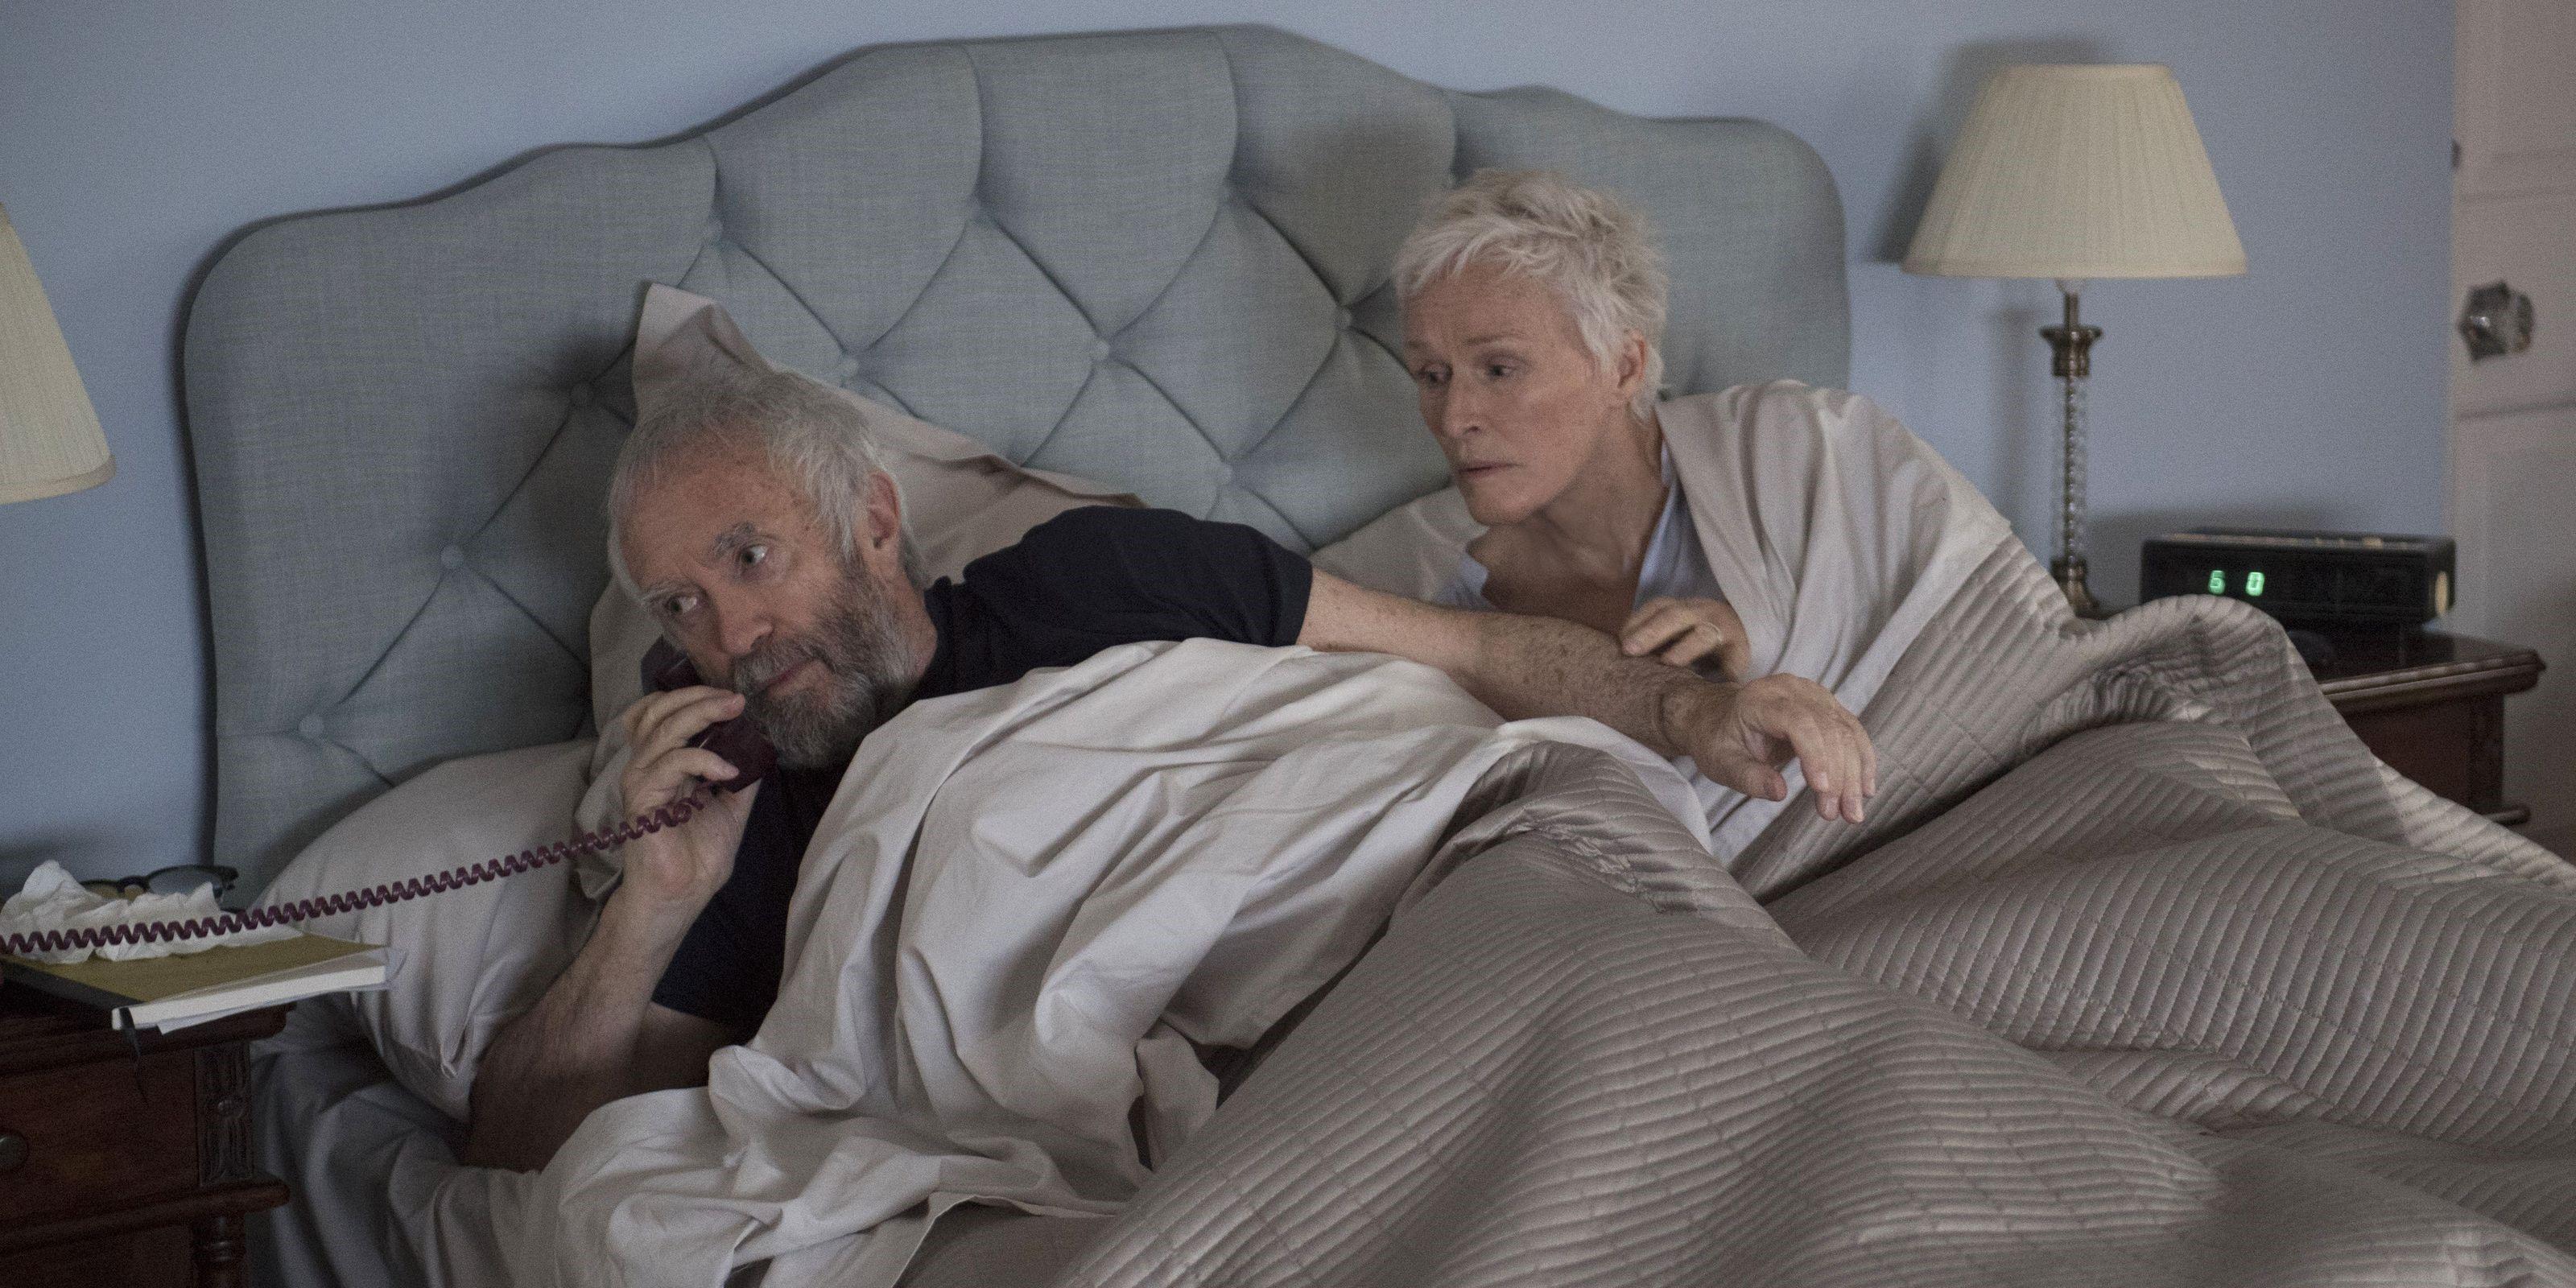 The Wife - Vivere nell'ombra: Glenn Close e Jonathan Pryce in un'immagine del film